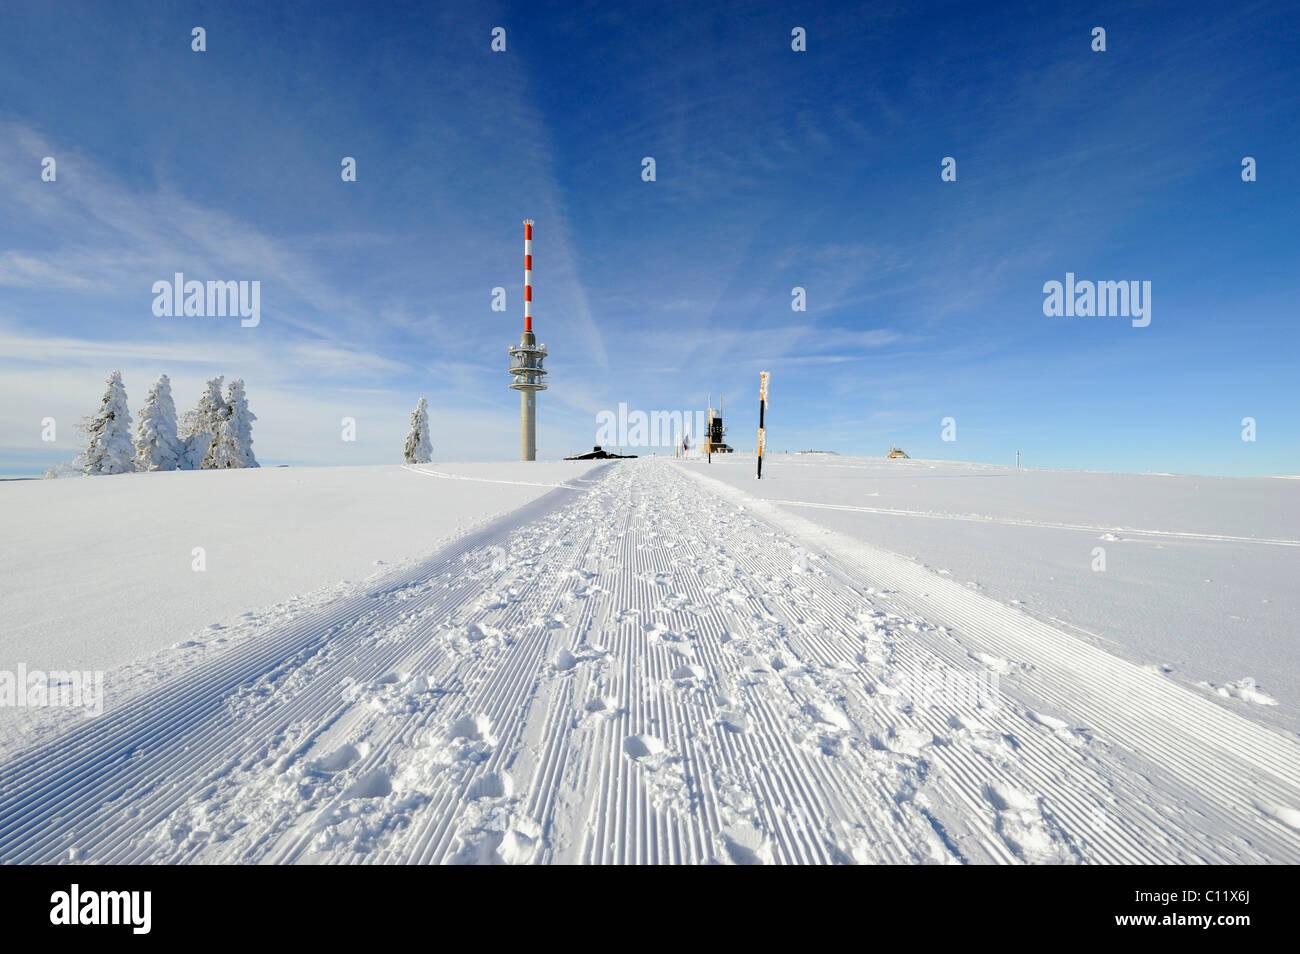 Sentier de neige roulée sur le 1493m de haut Mt. Dans la forêt noire feldberg, à l'horizon le Photo Stock